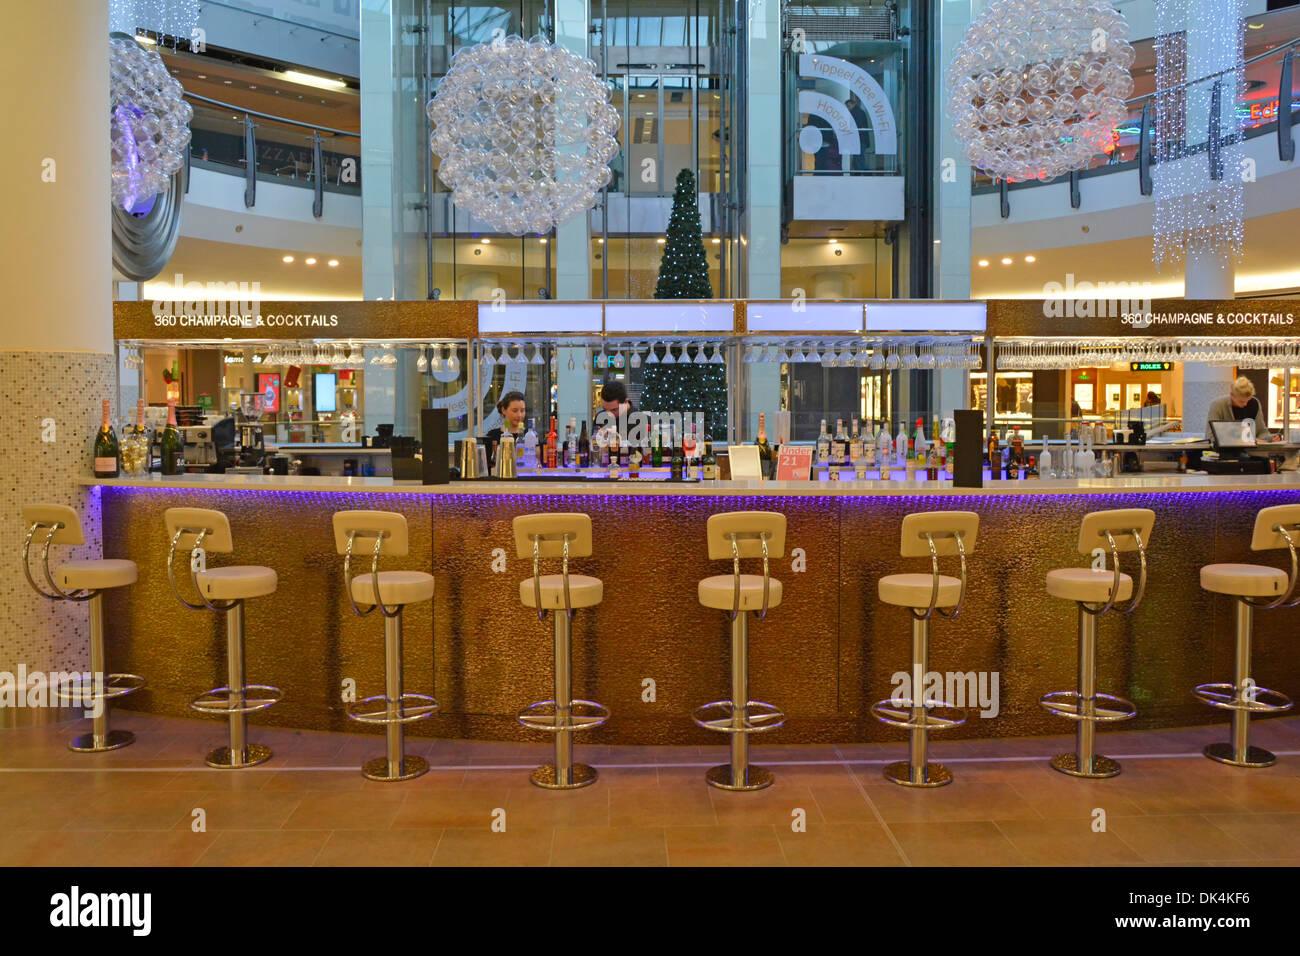 Bar stools stock photos bar stools stock images alamy